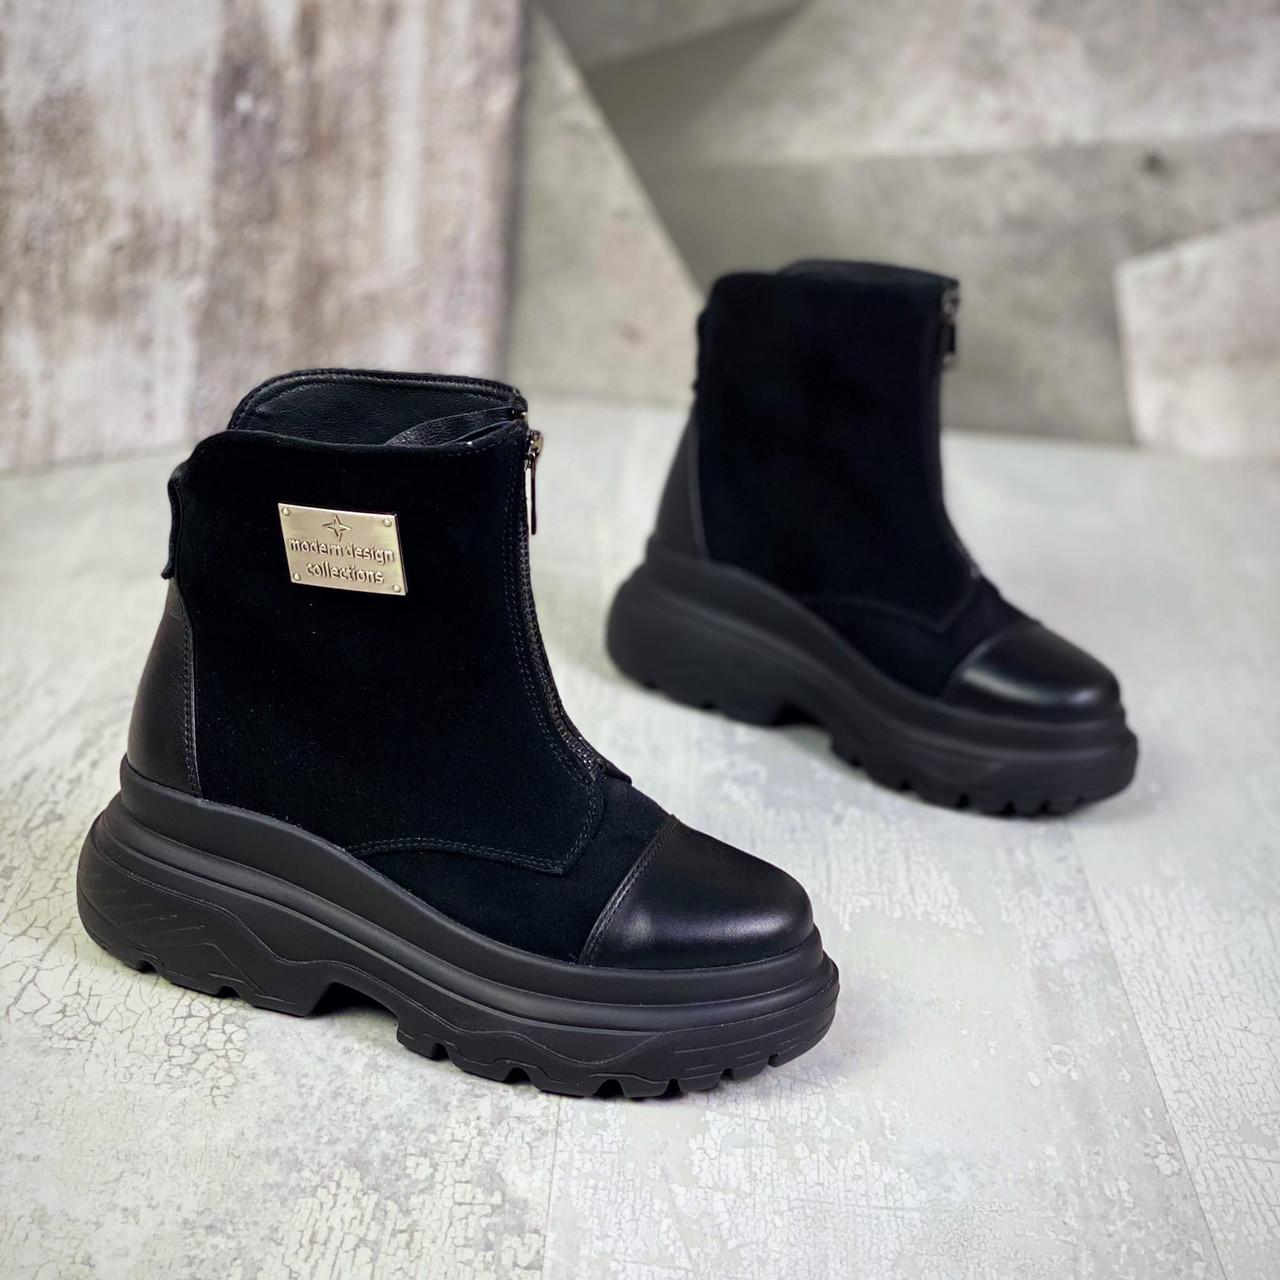 Женские демисезонные ботинки на молнии замша+кожа  36-40 р чёрный